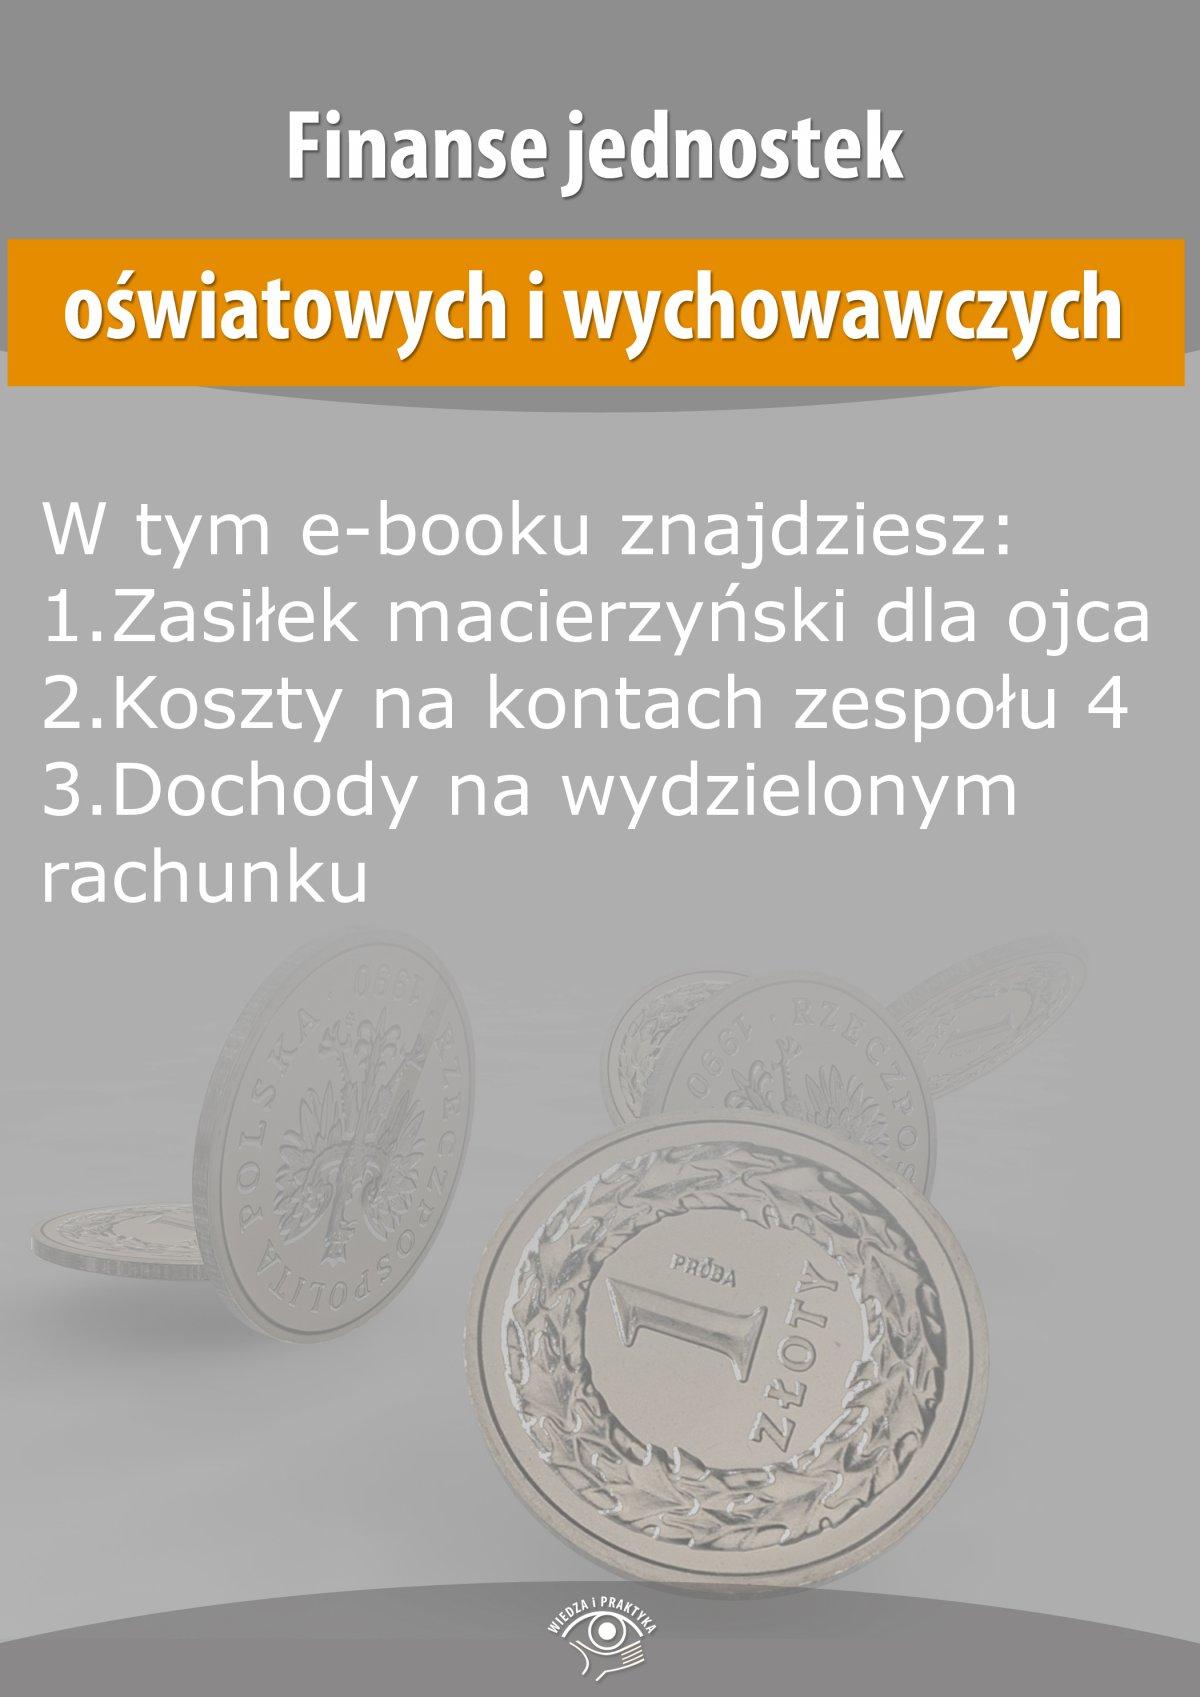 Finanse jednostek oświatowych i wychowawczych, wydanie październik 2015 r. - Ebook (Książka EPUB) do pobrania w formacie EPUB